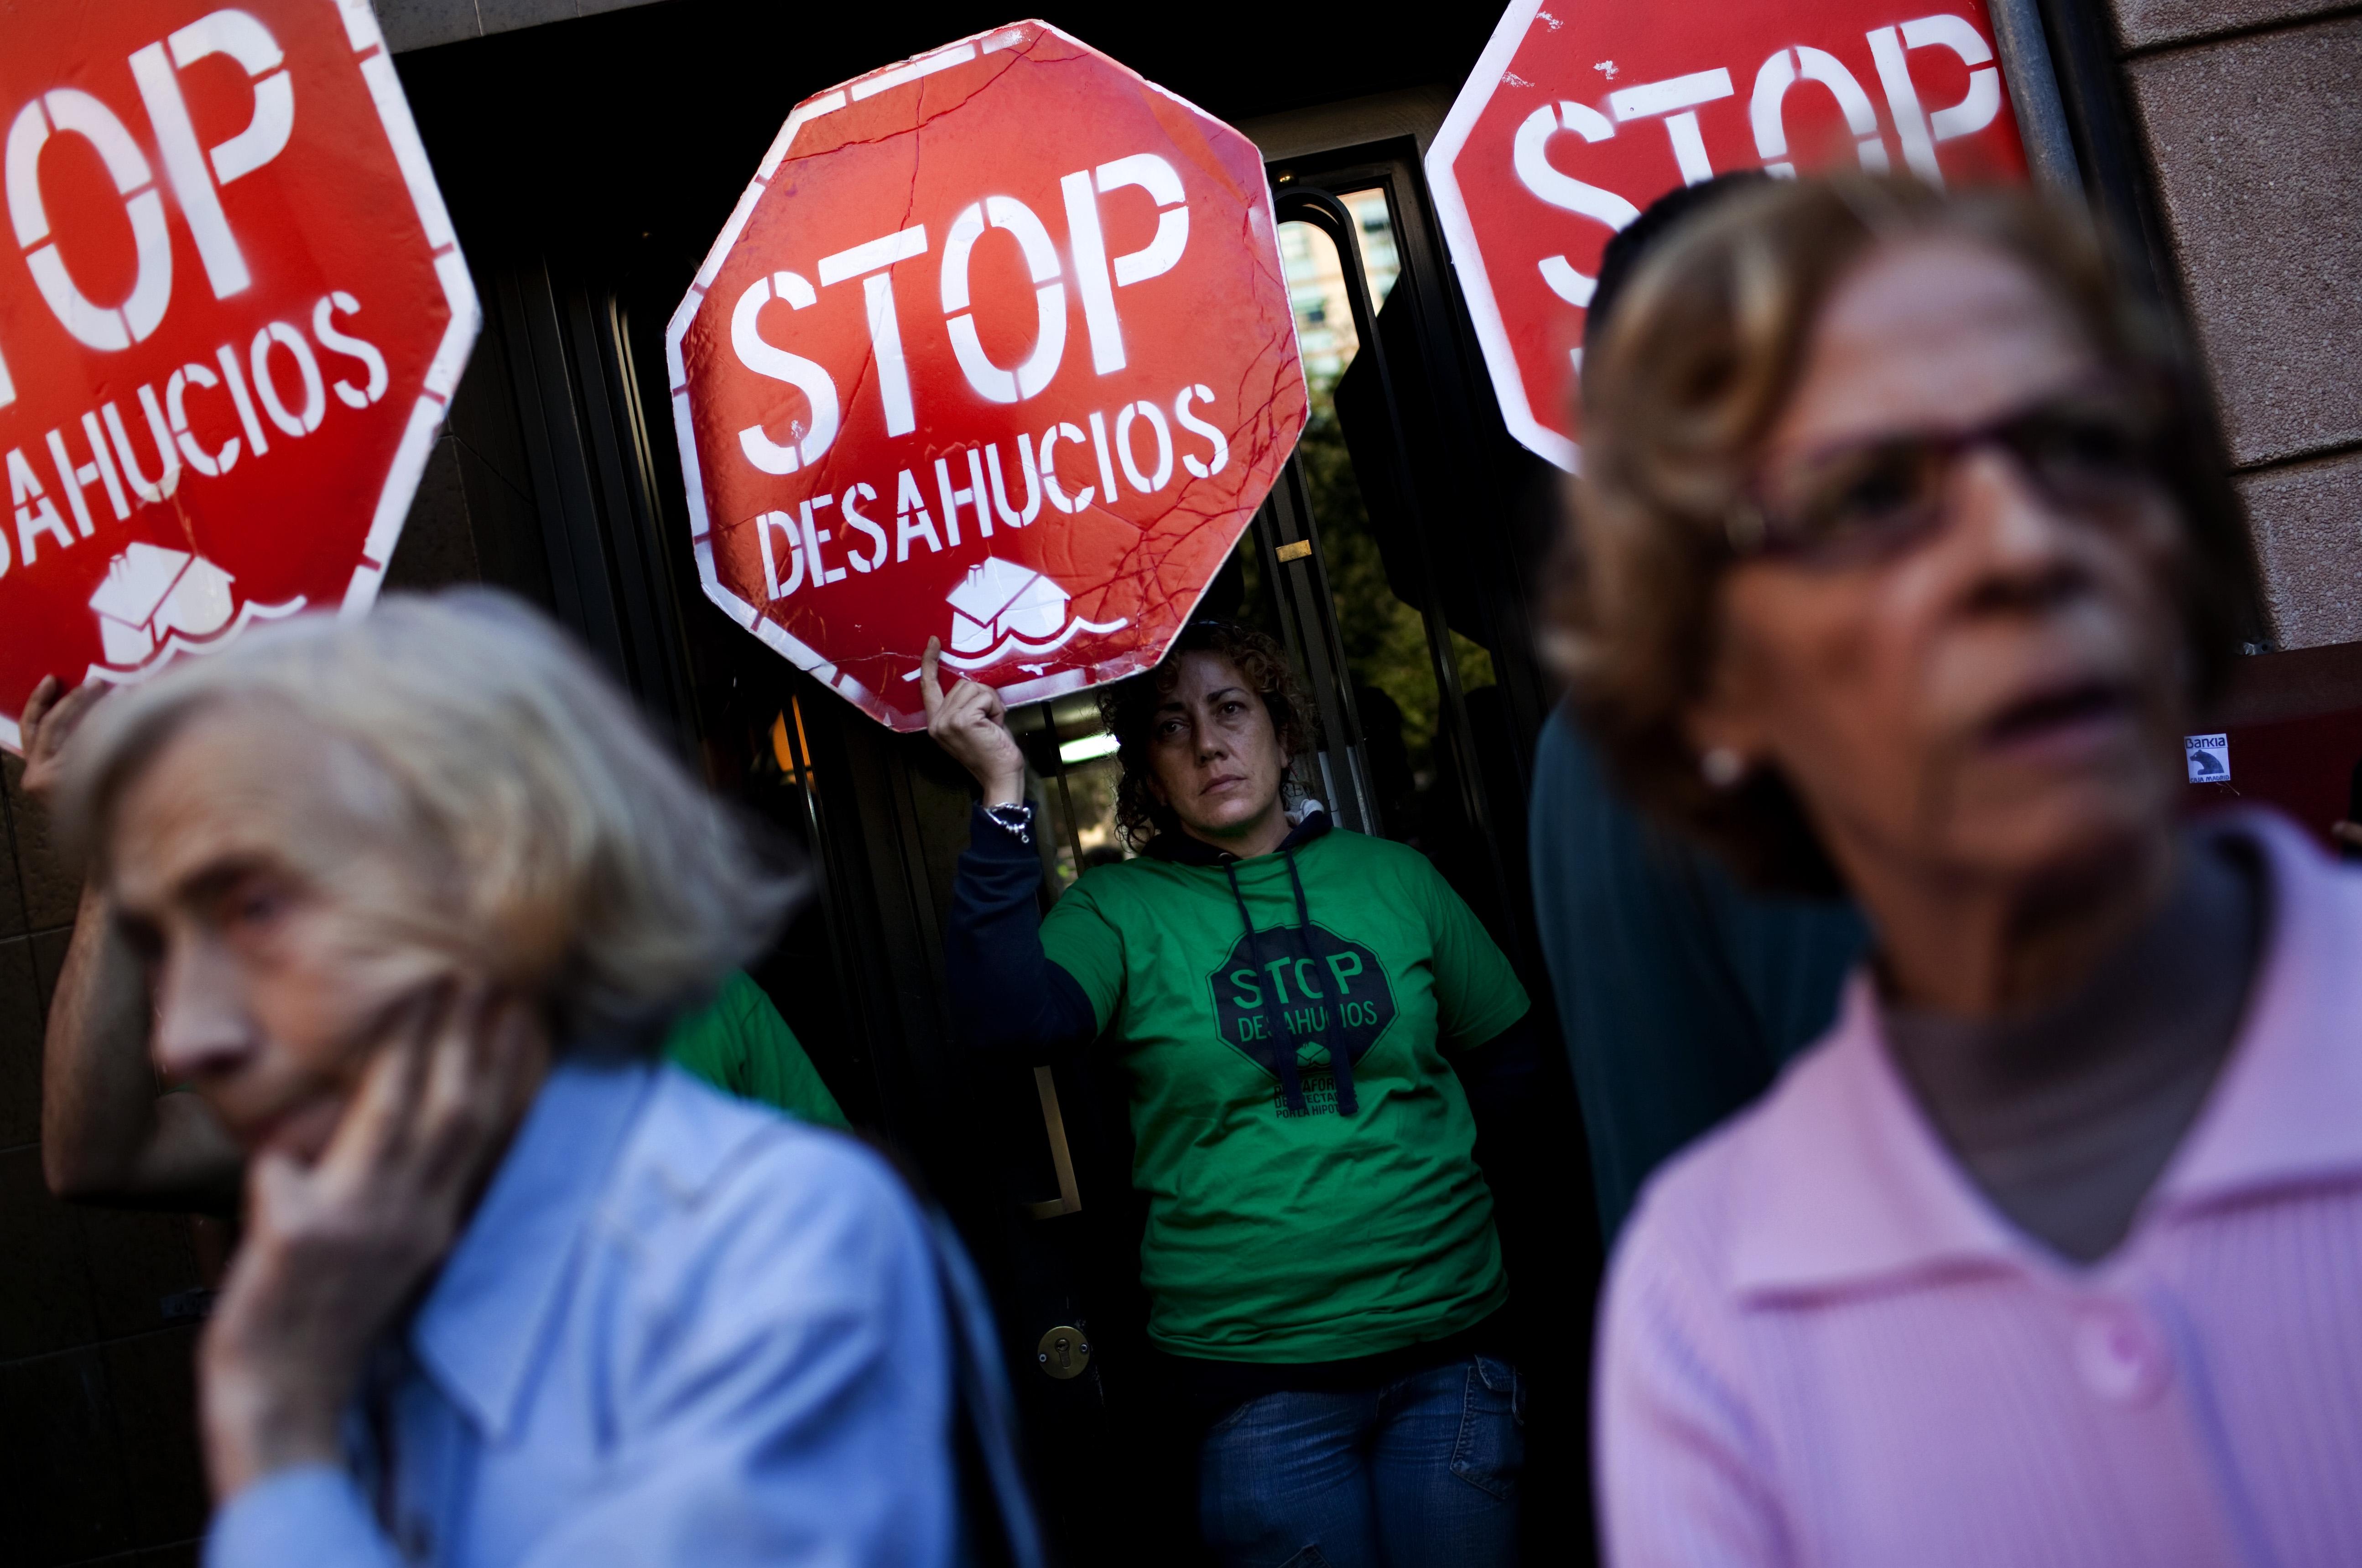 el elevado número de desahucios lleva a los políticos a replantear su política